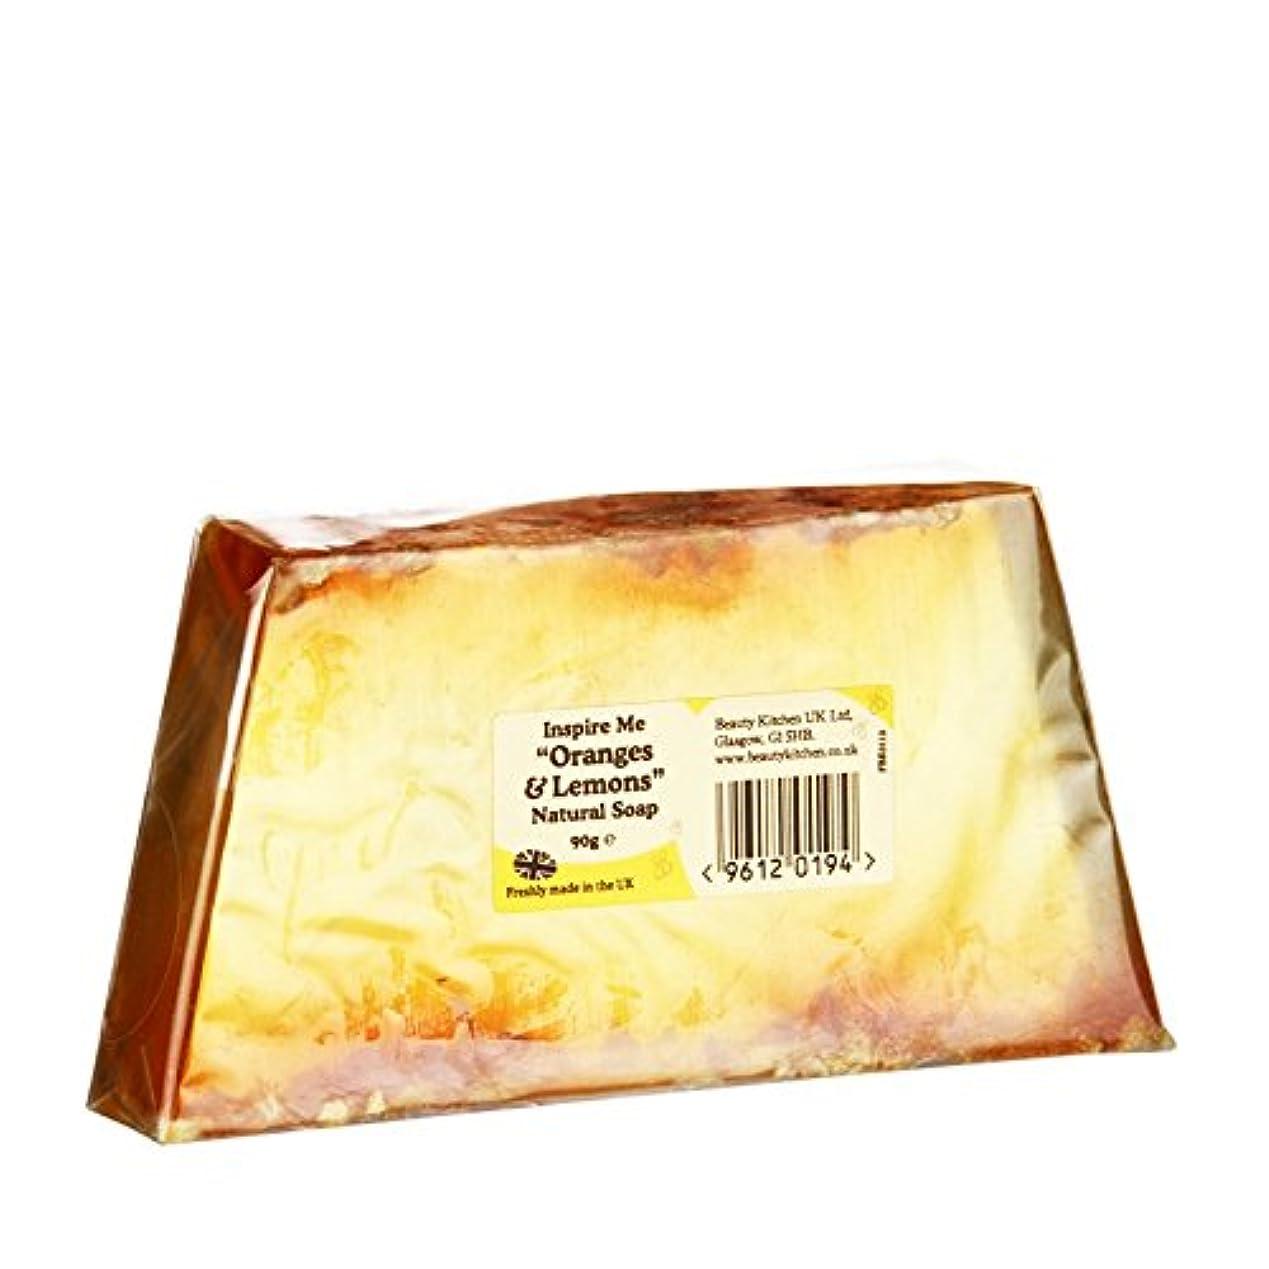 謙虚先史時代の流暢美しさのキッチンは私がオレンジ&レモンの天然石鹸90グラム鼓舞します - Beauty Kitchen Inspire Me Orange & Lemon Natural Soap 90g (Beauty Kitchen...